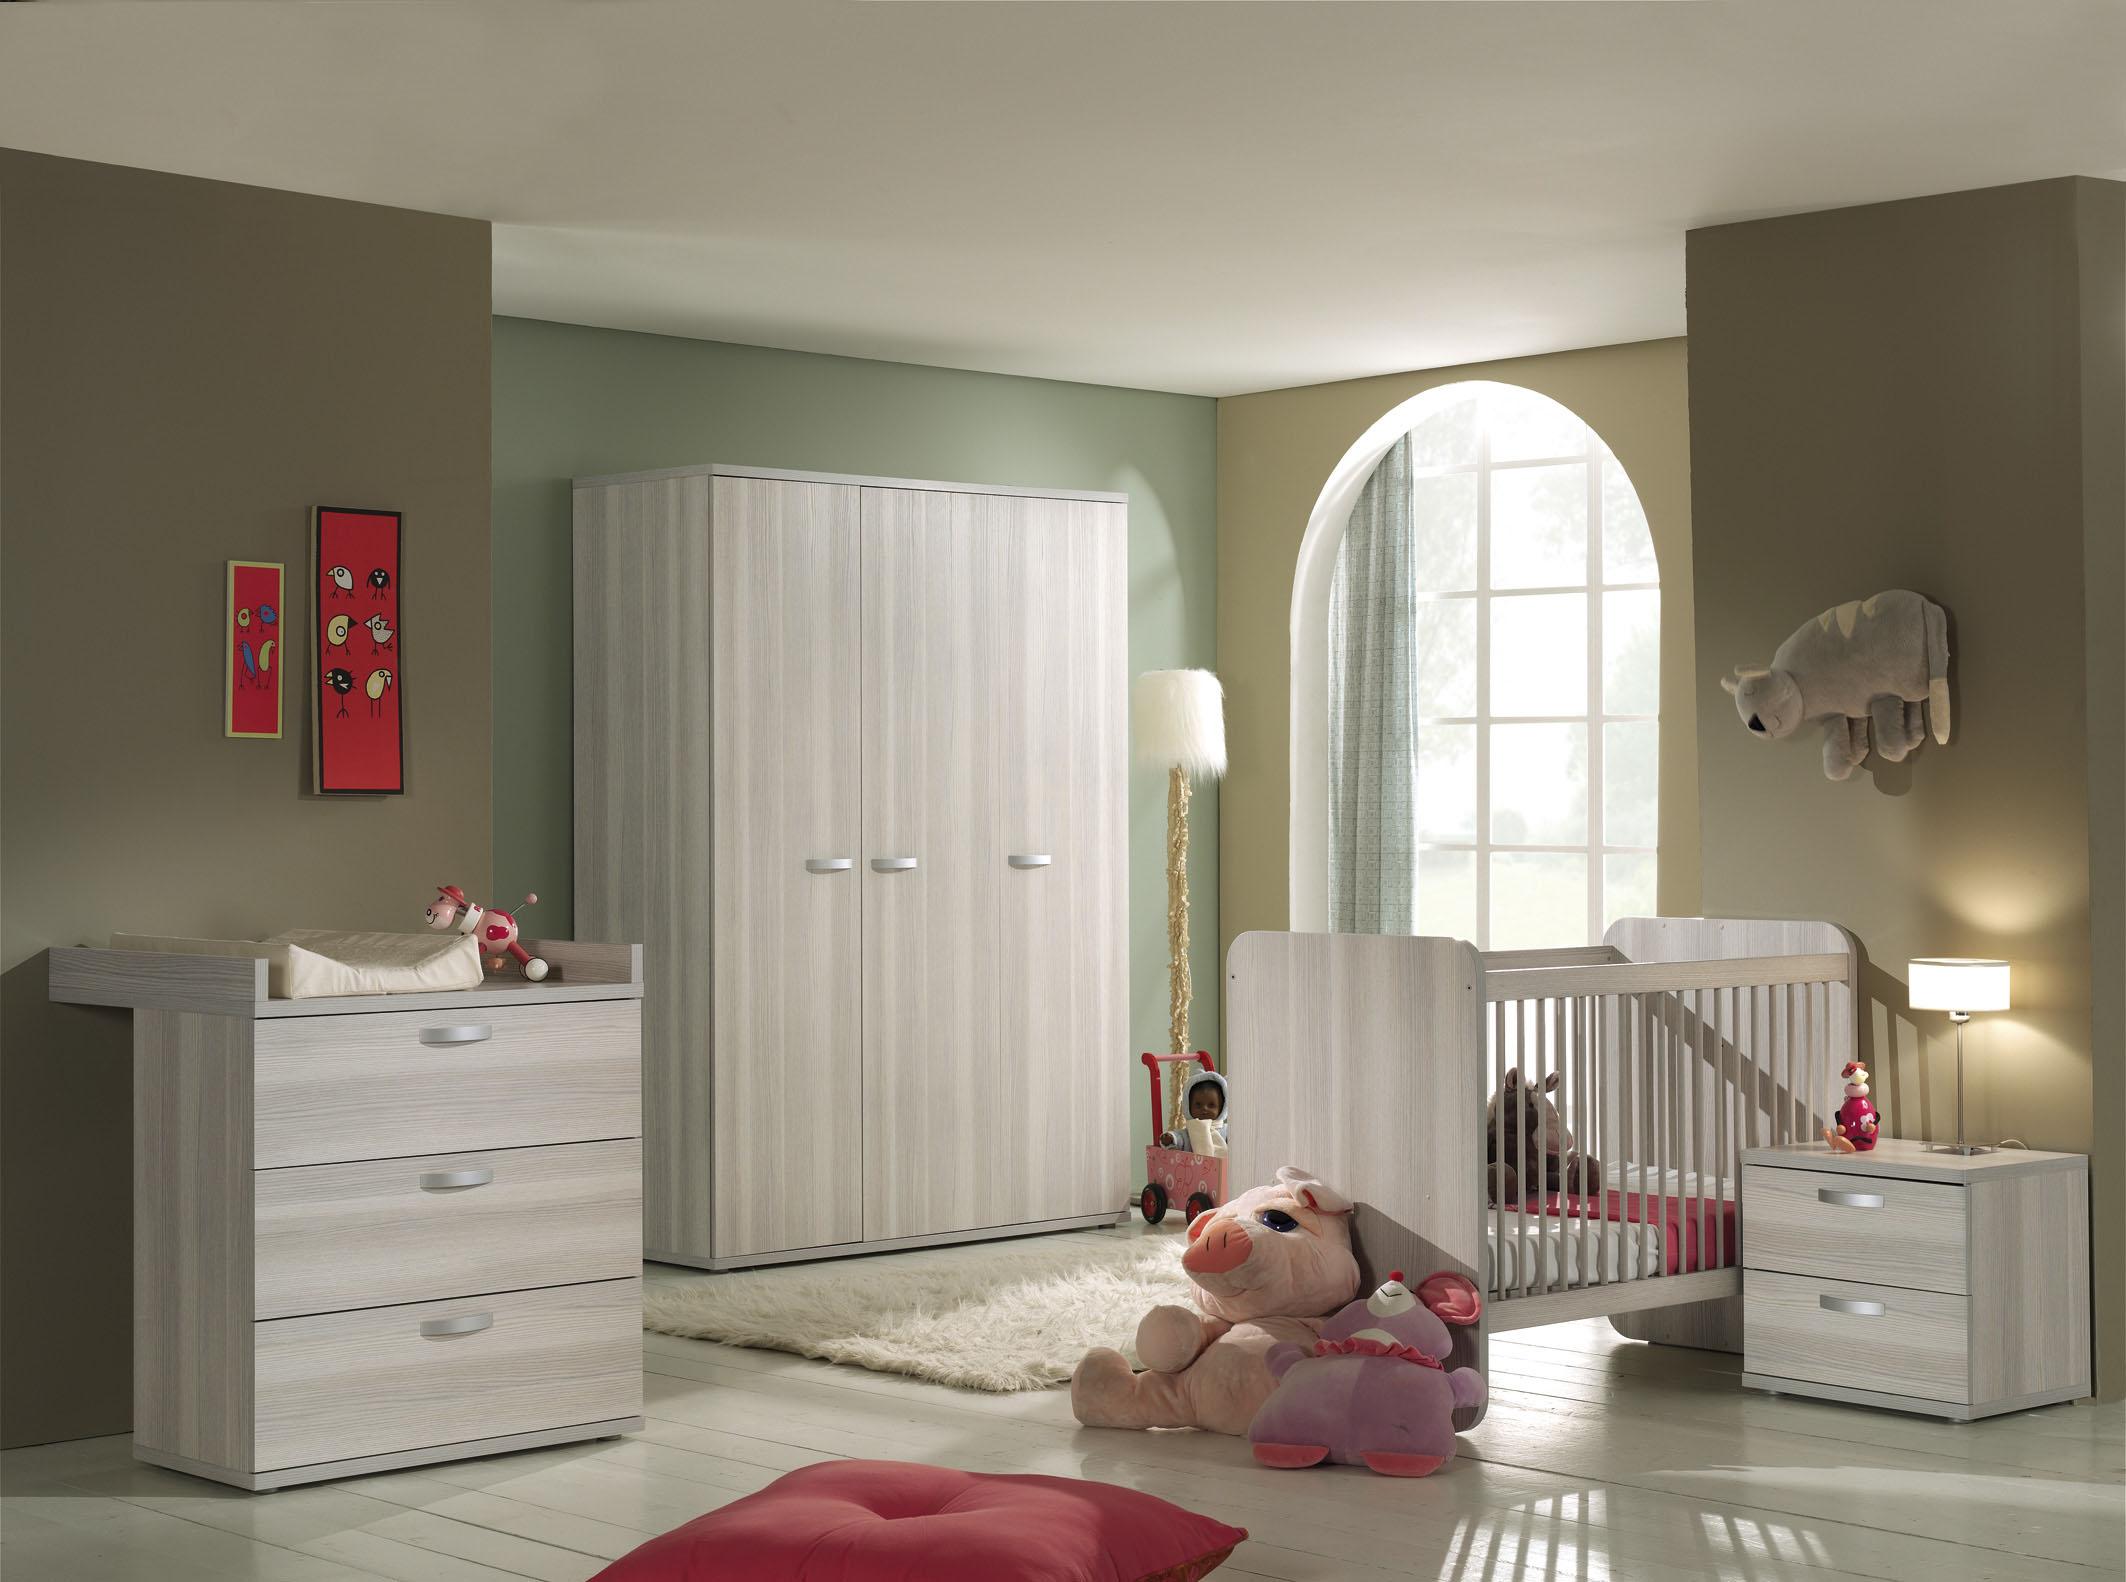 Babykamer In Hoek : Babykamer liam meubelen voor thuis u salons u eetkamers